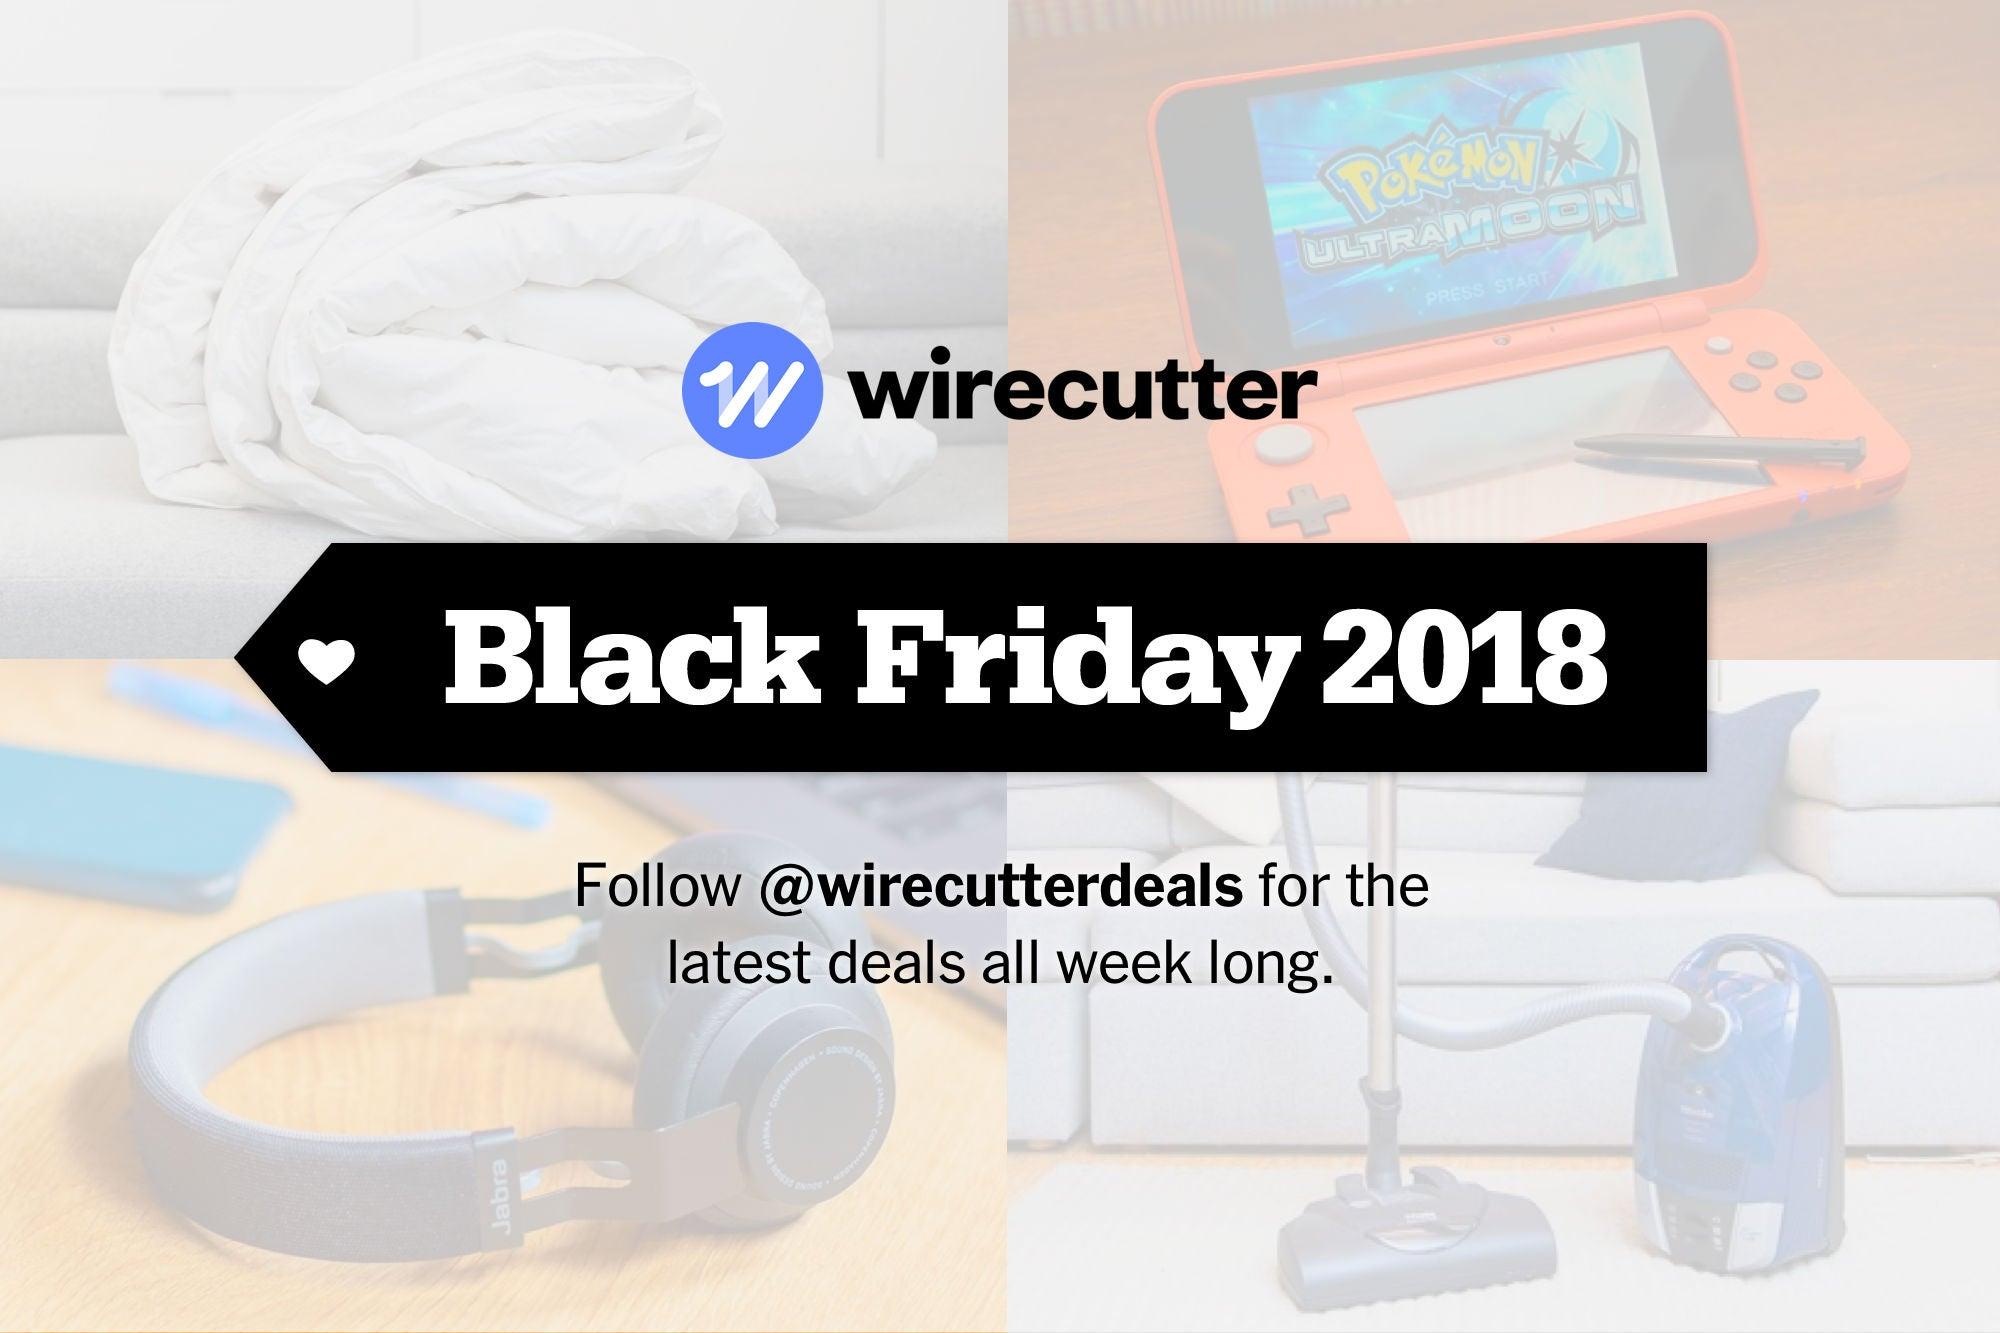 Wirecutter Black Friday